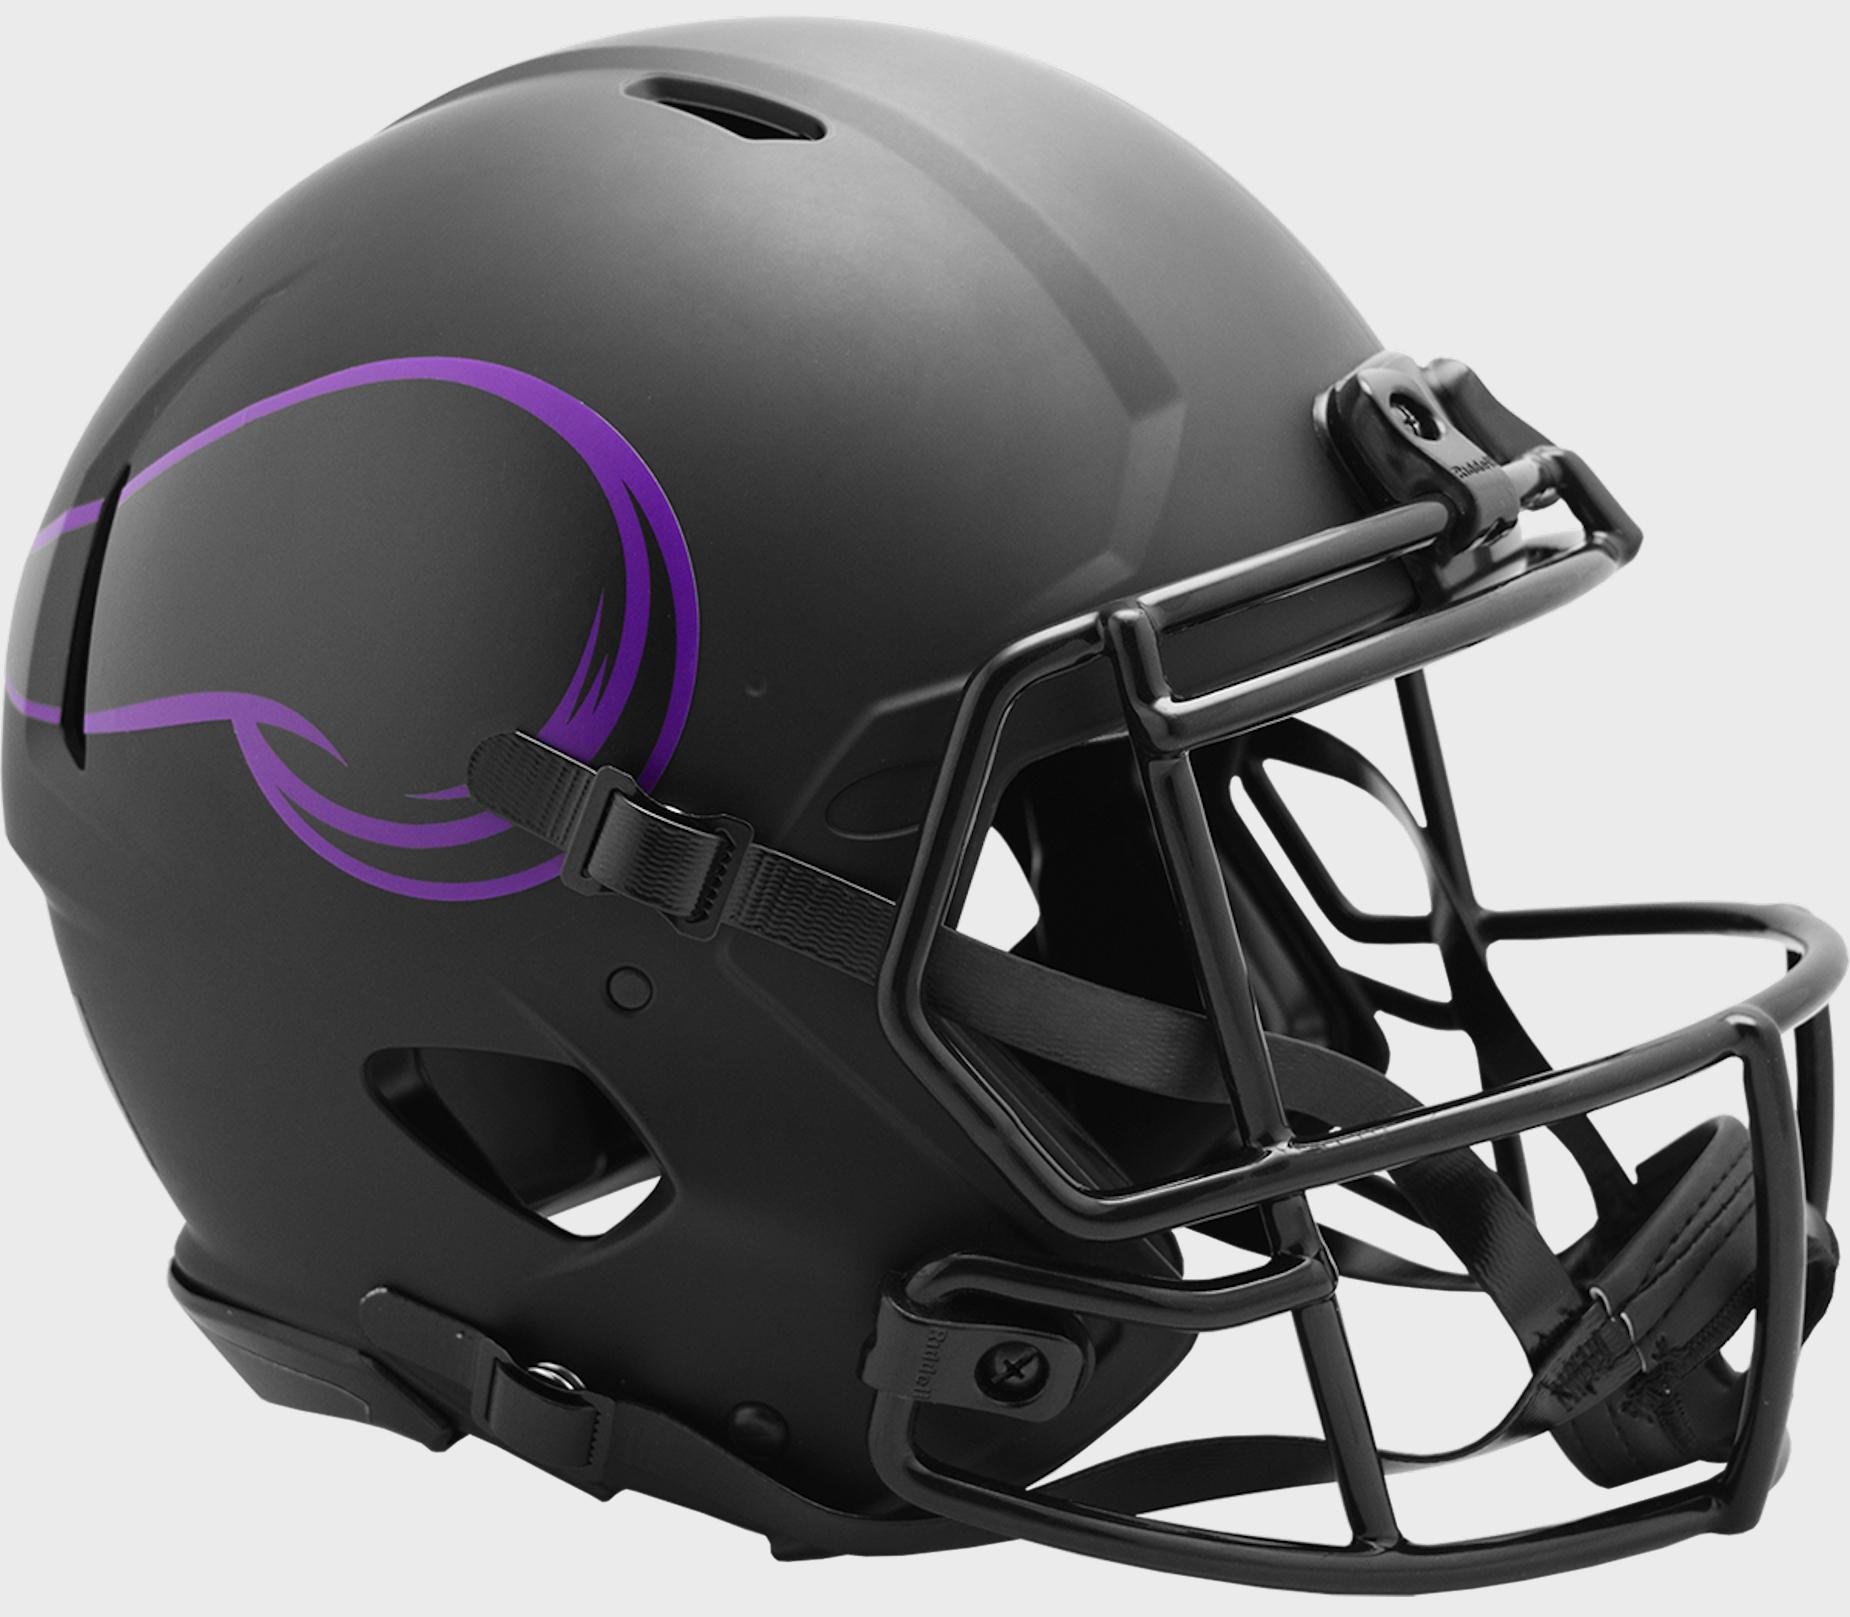 Minnesota Vikings Speed Football Helmet <B>ECLIPSE</B>